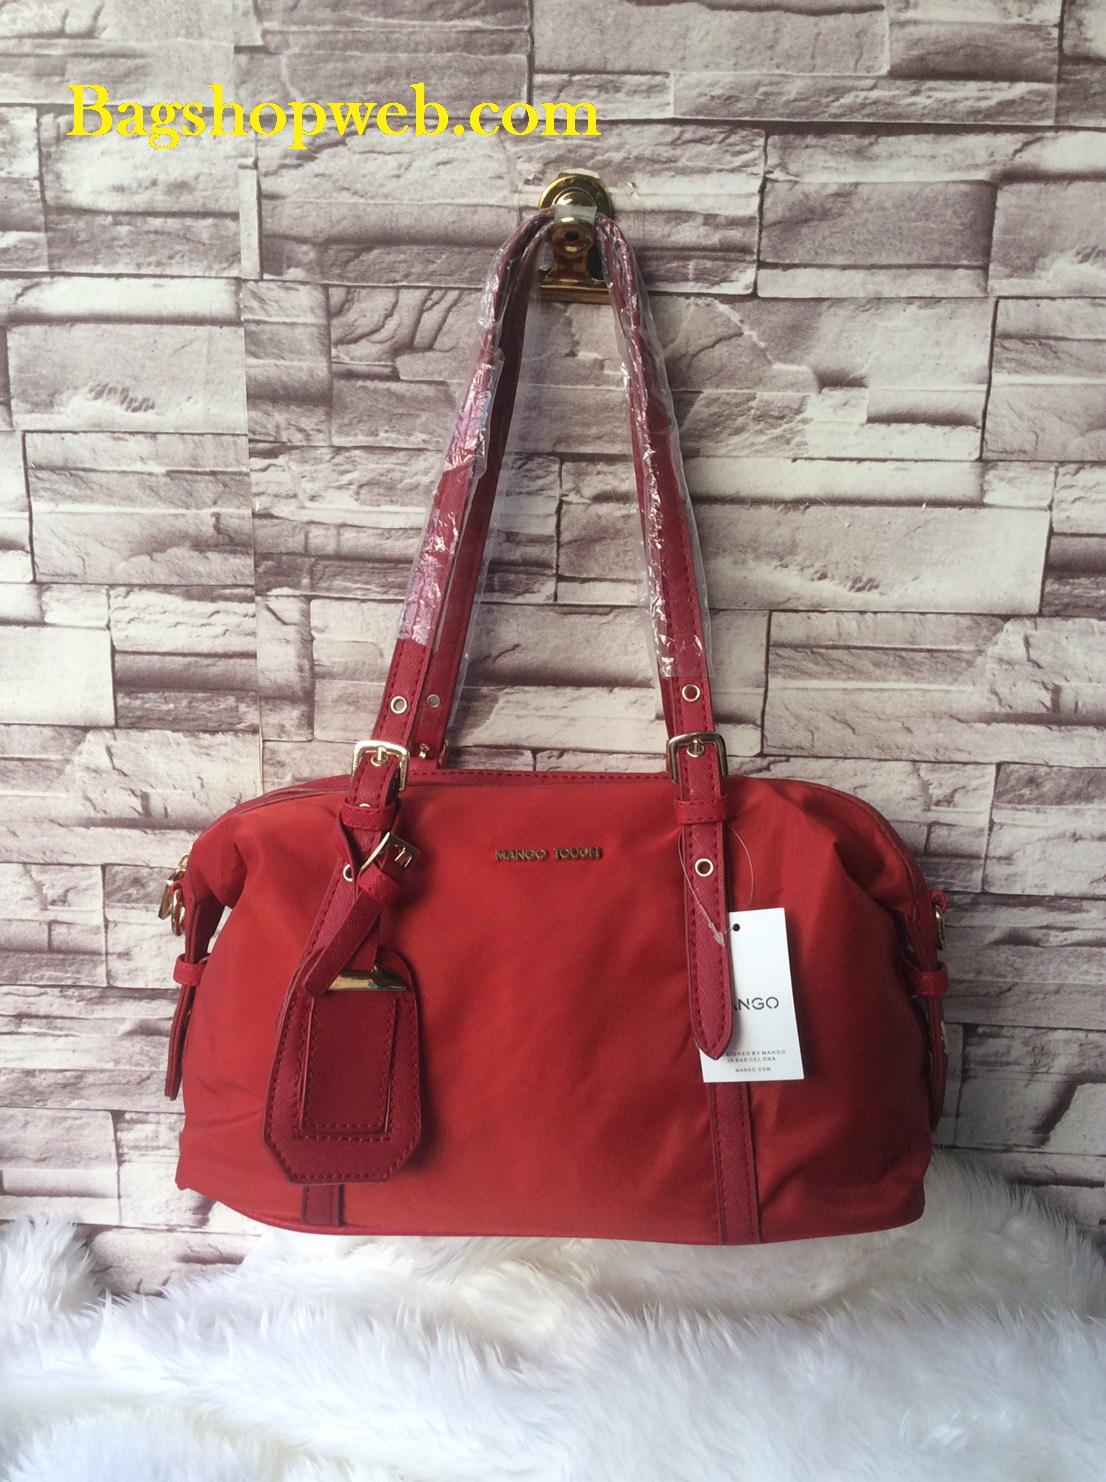 กระเป๋า MANGO NYLON HANDBAG สีแดง กระเป๋าผ้าไนล่อนเนื้อดีและหนา ทรงหมอน มาพร้อมสายสะพายยาว